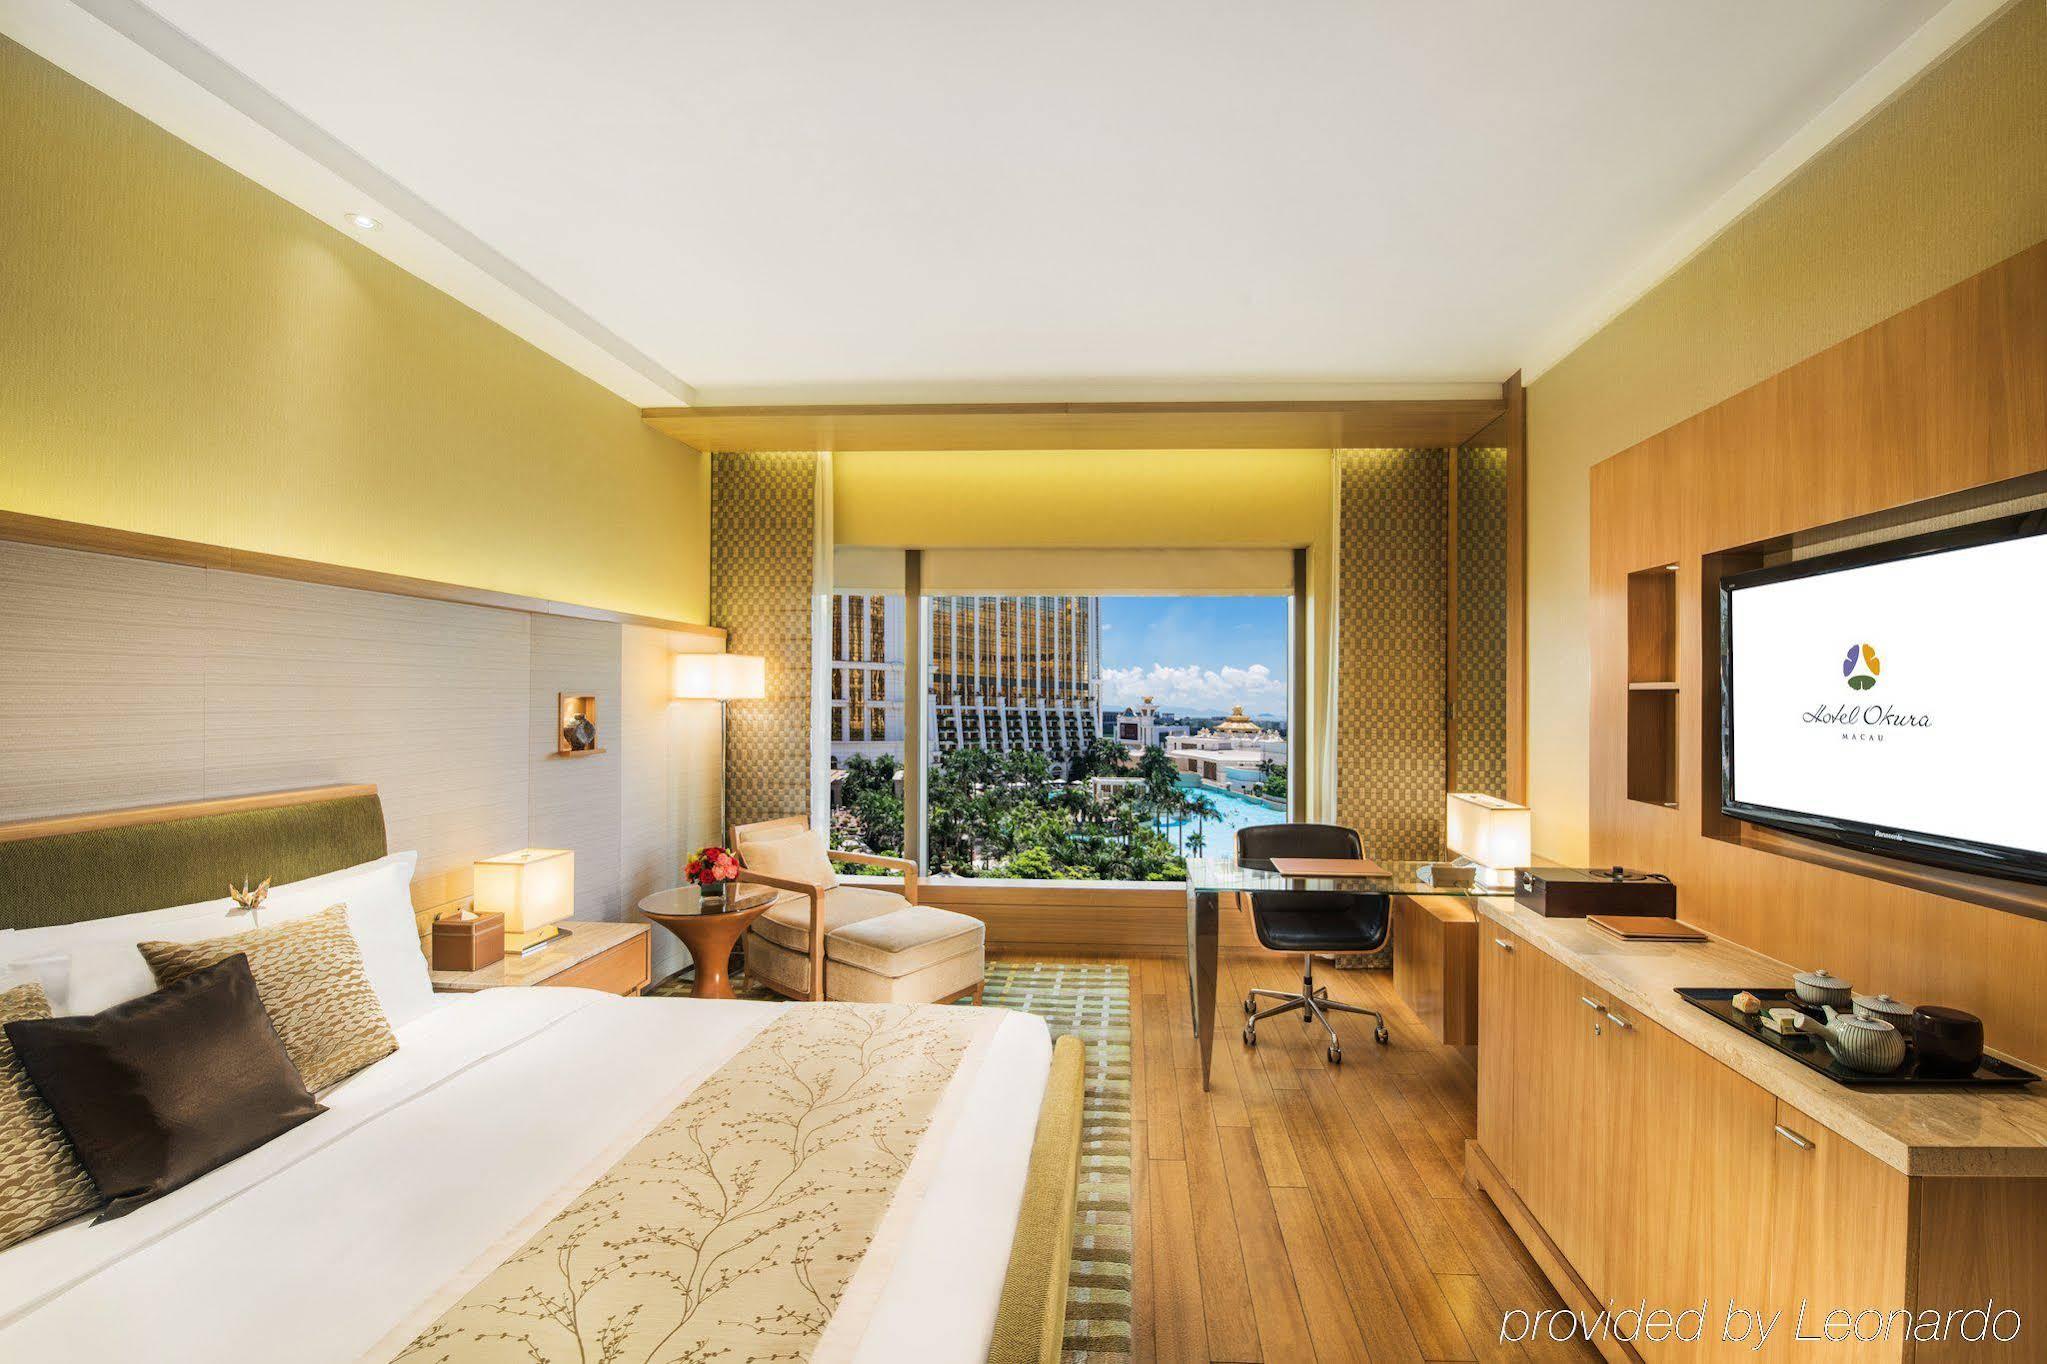 Hotel Okura Macau